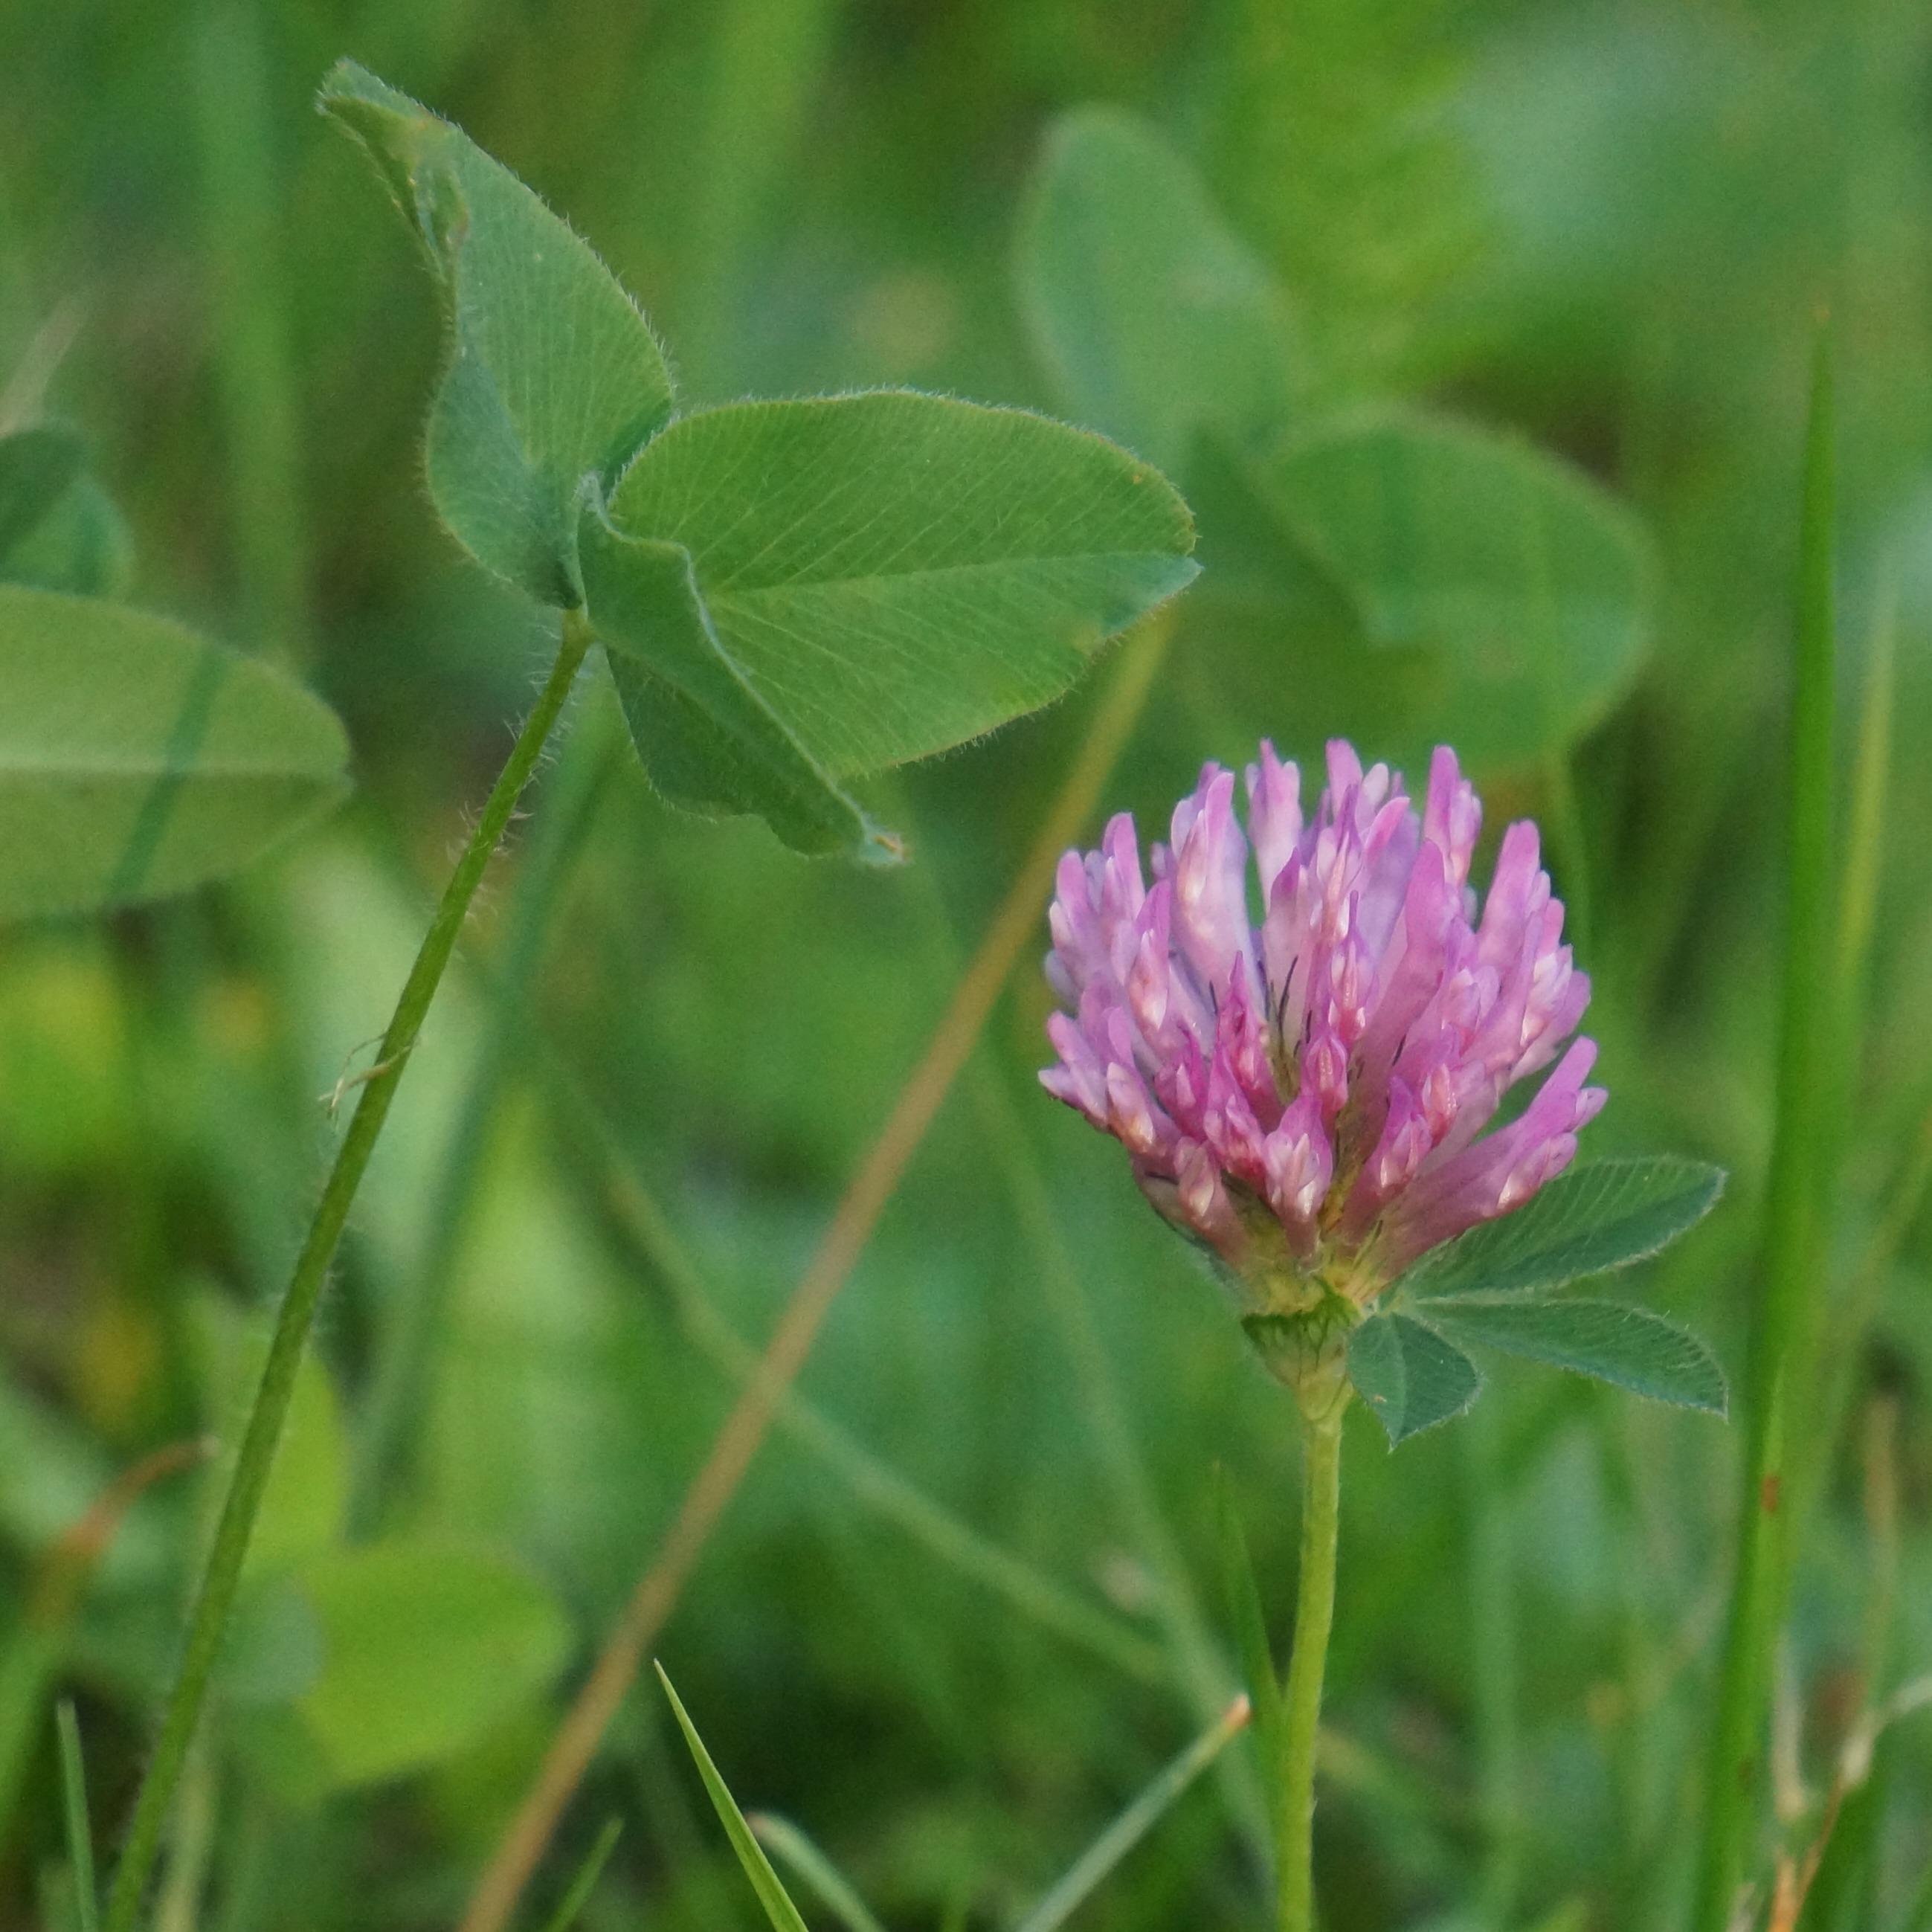 Plante feuille trefle fleur rose id e d 39 image de fleur for Plante annuelle